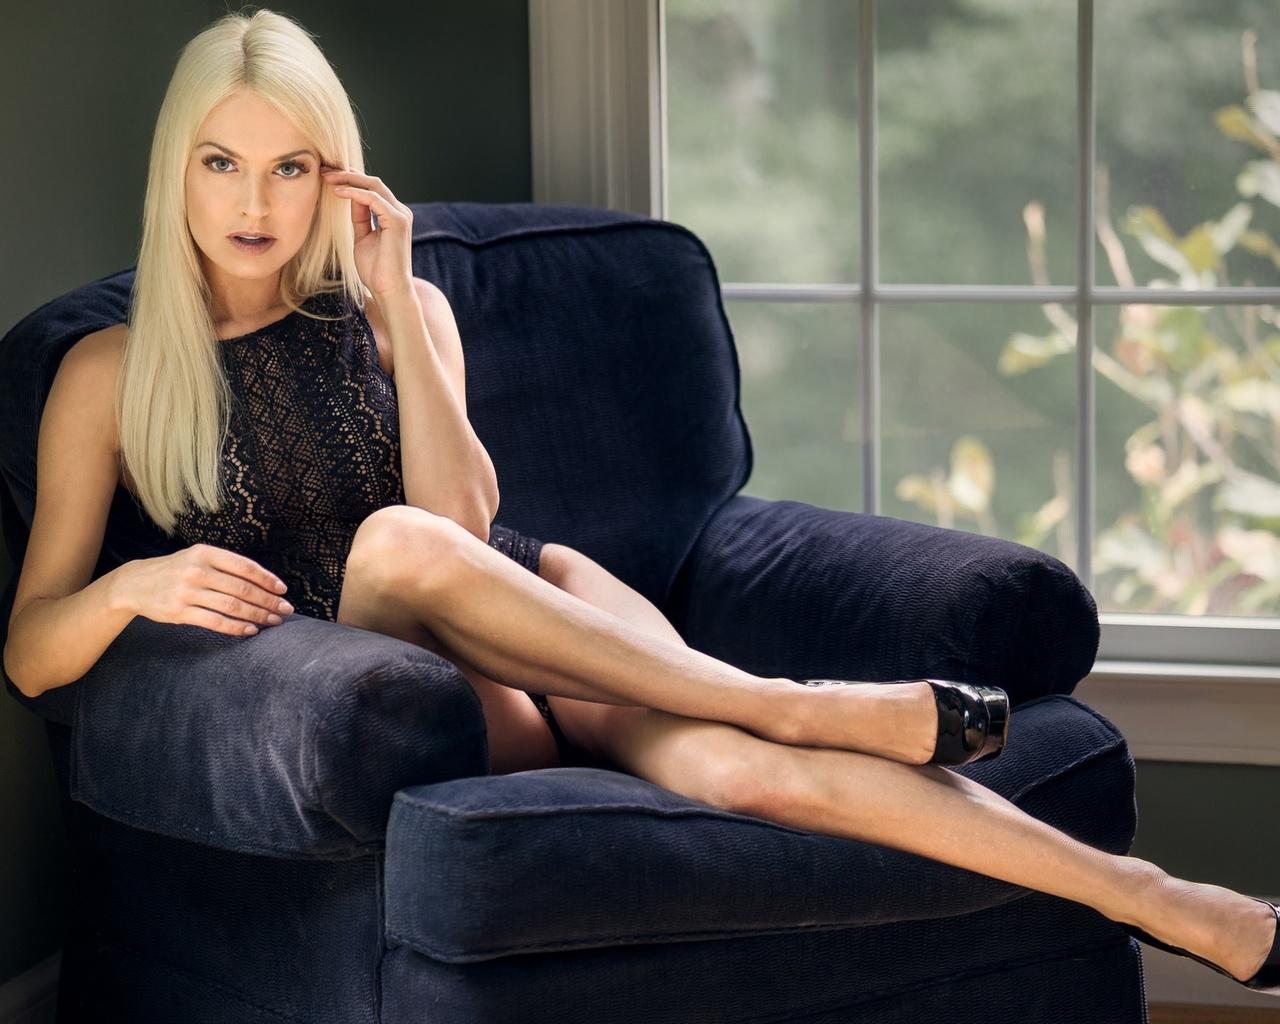 девушка, модель, поза, блондинка